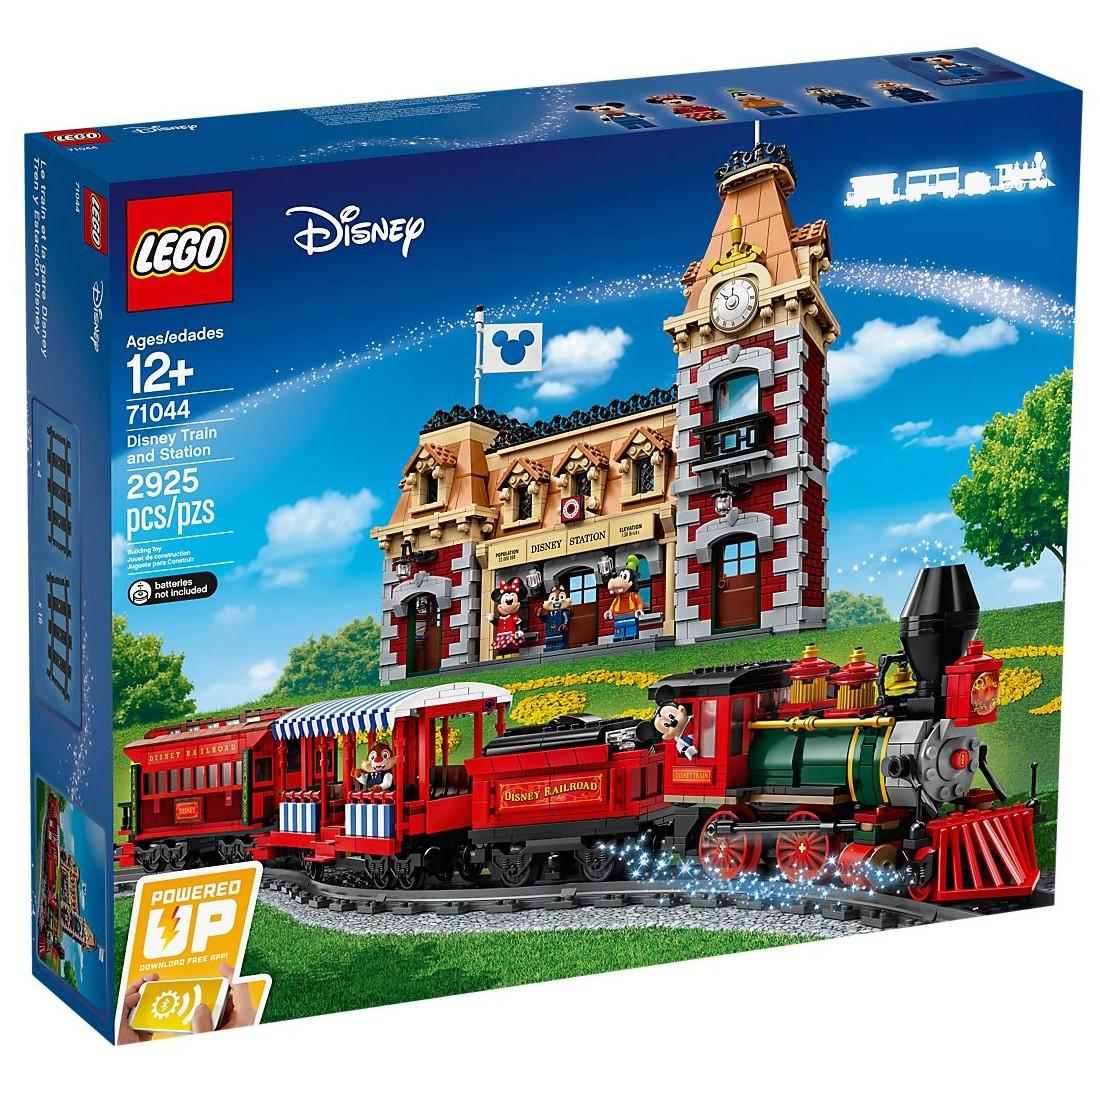 לגו מגה סטור קריאייטור 71044 LEGO Disney Train and Station